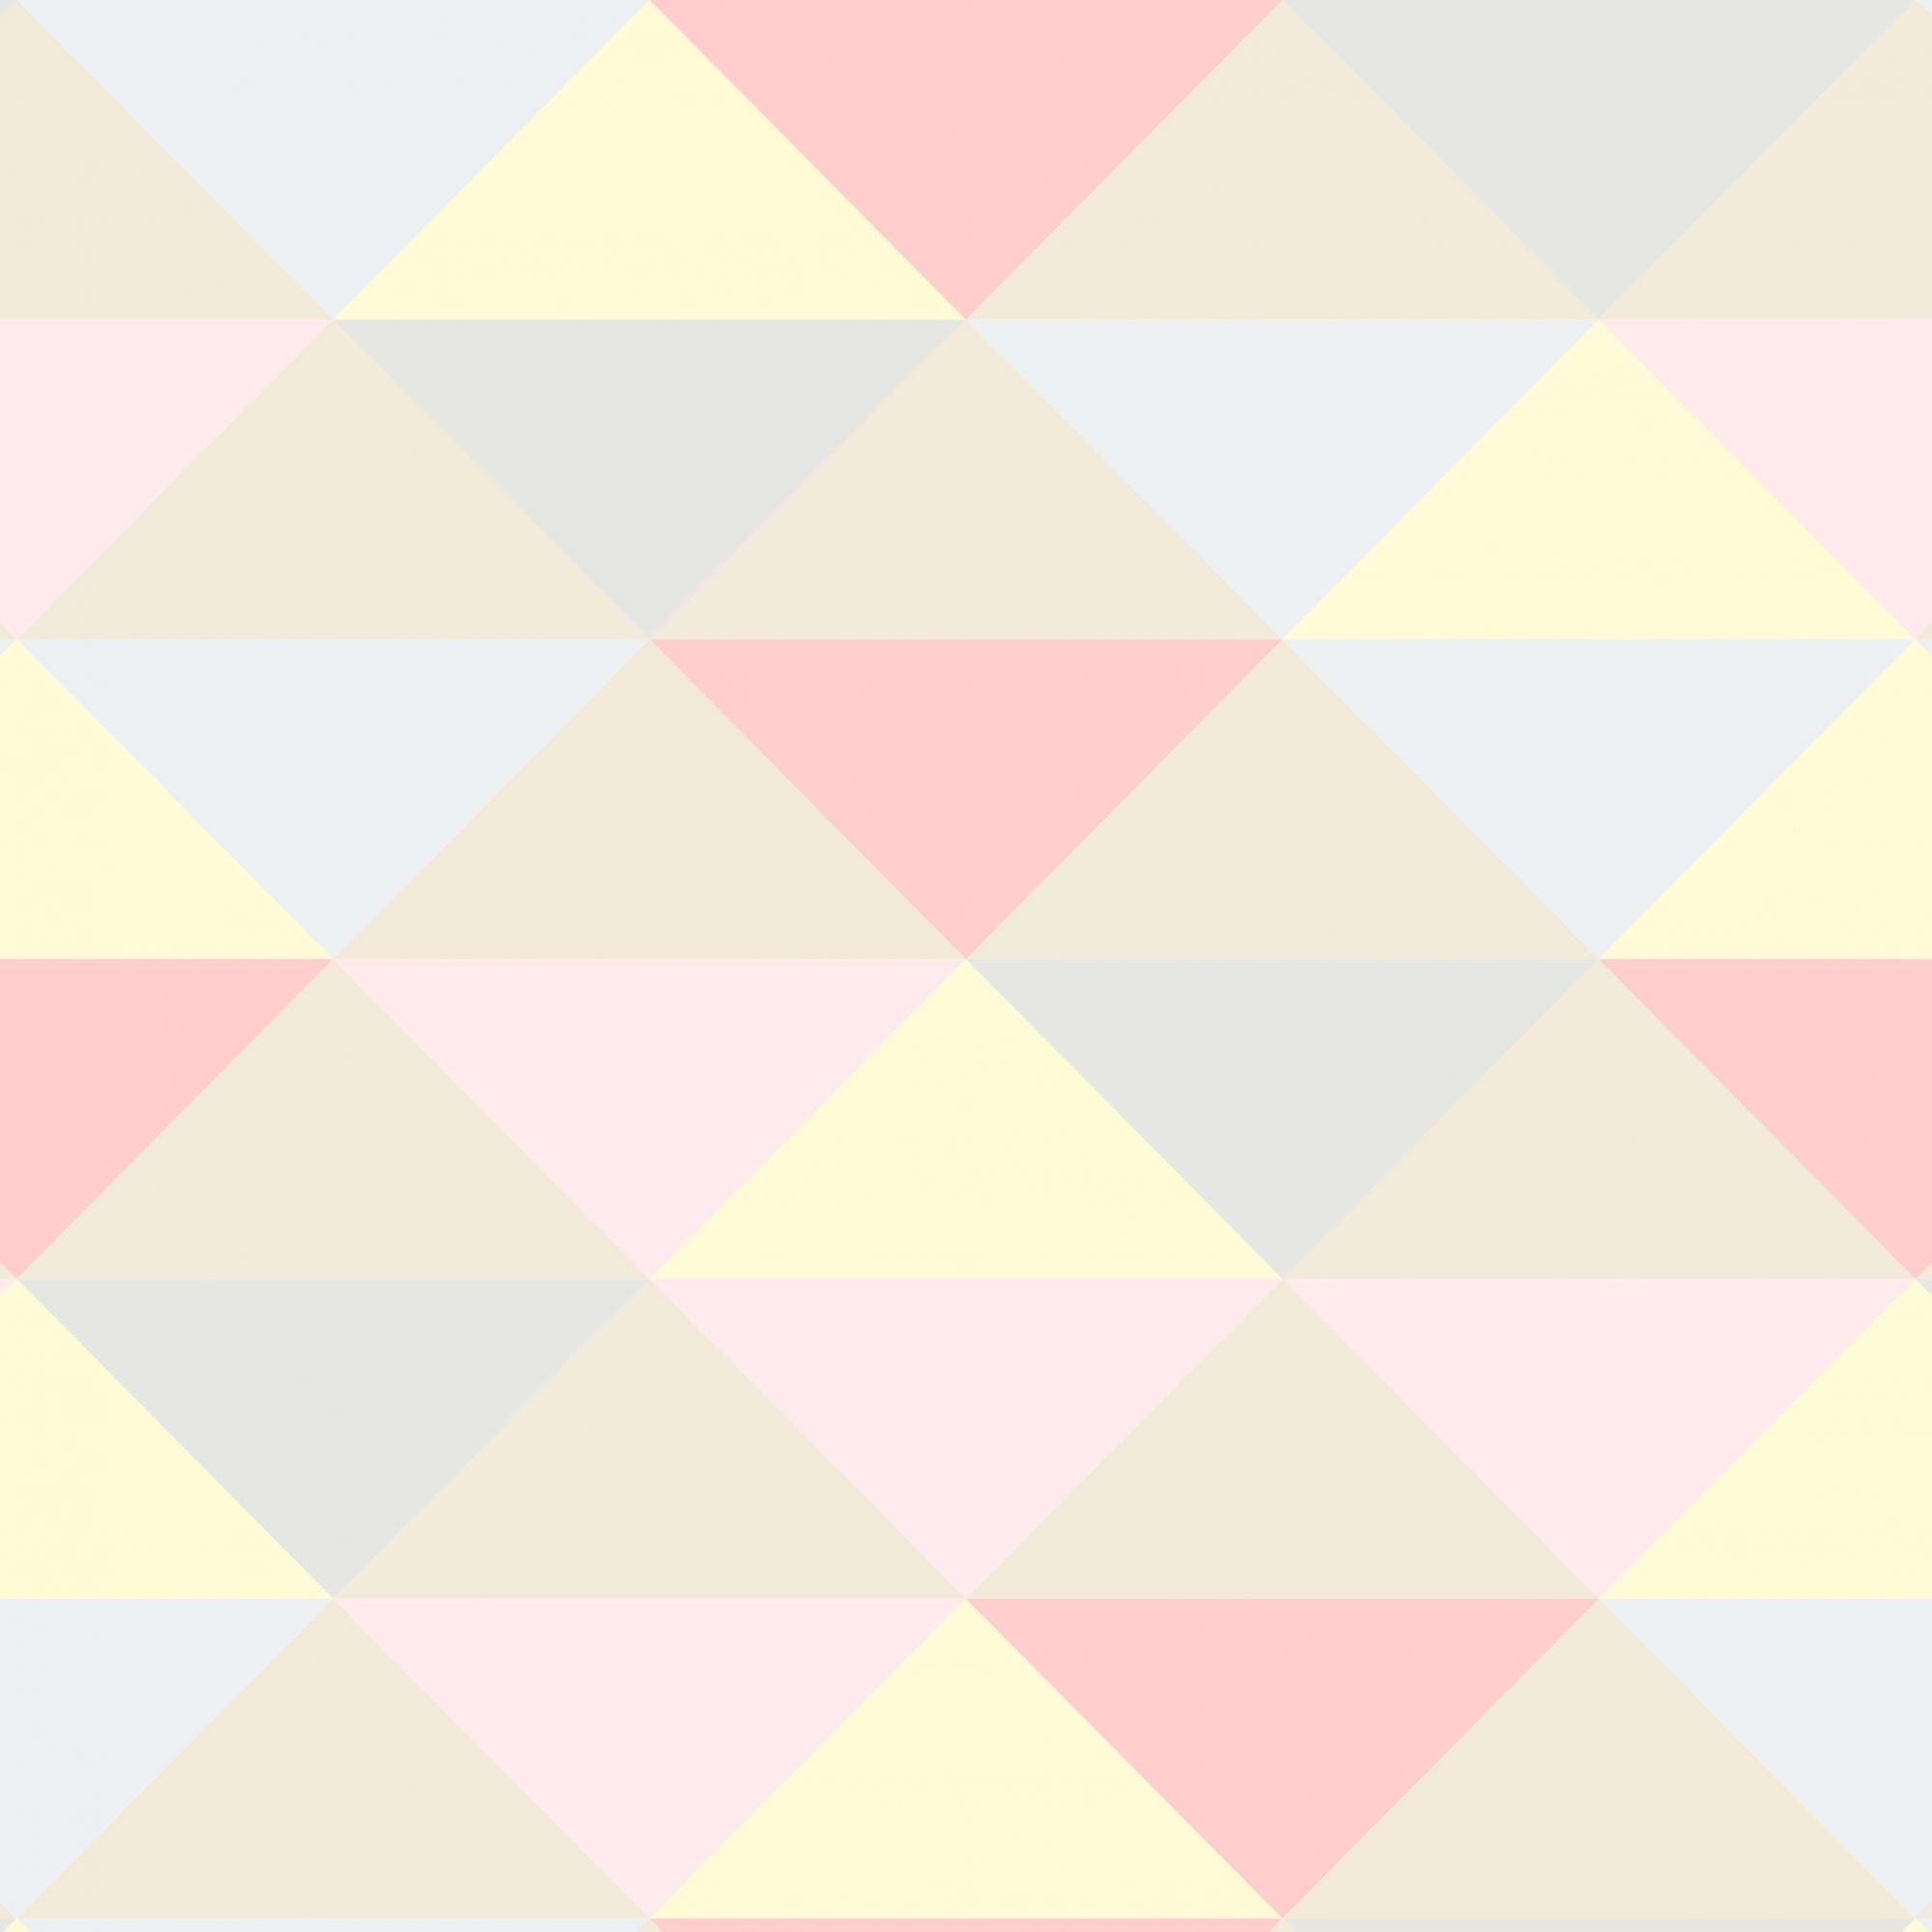 Papel de Parede Geométrico Triângulos Rosa Cinza Amarelo e Nude